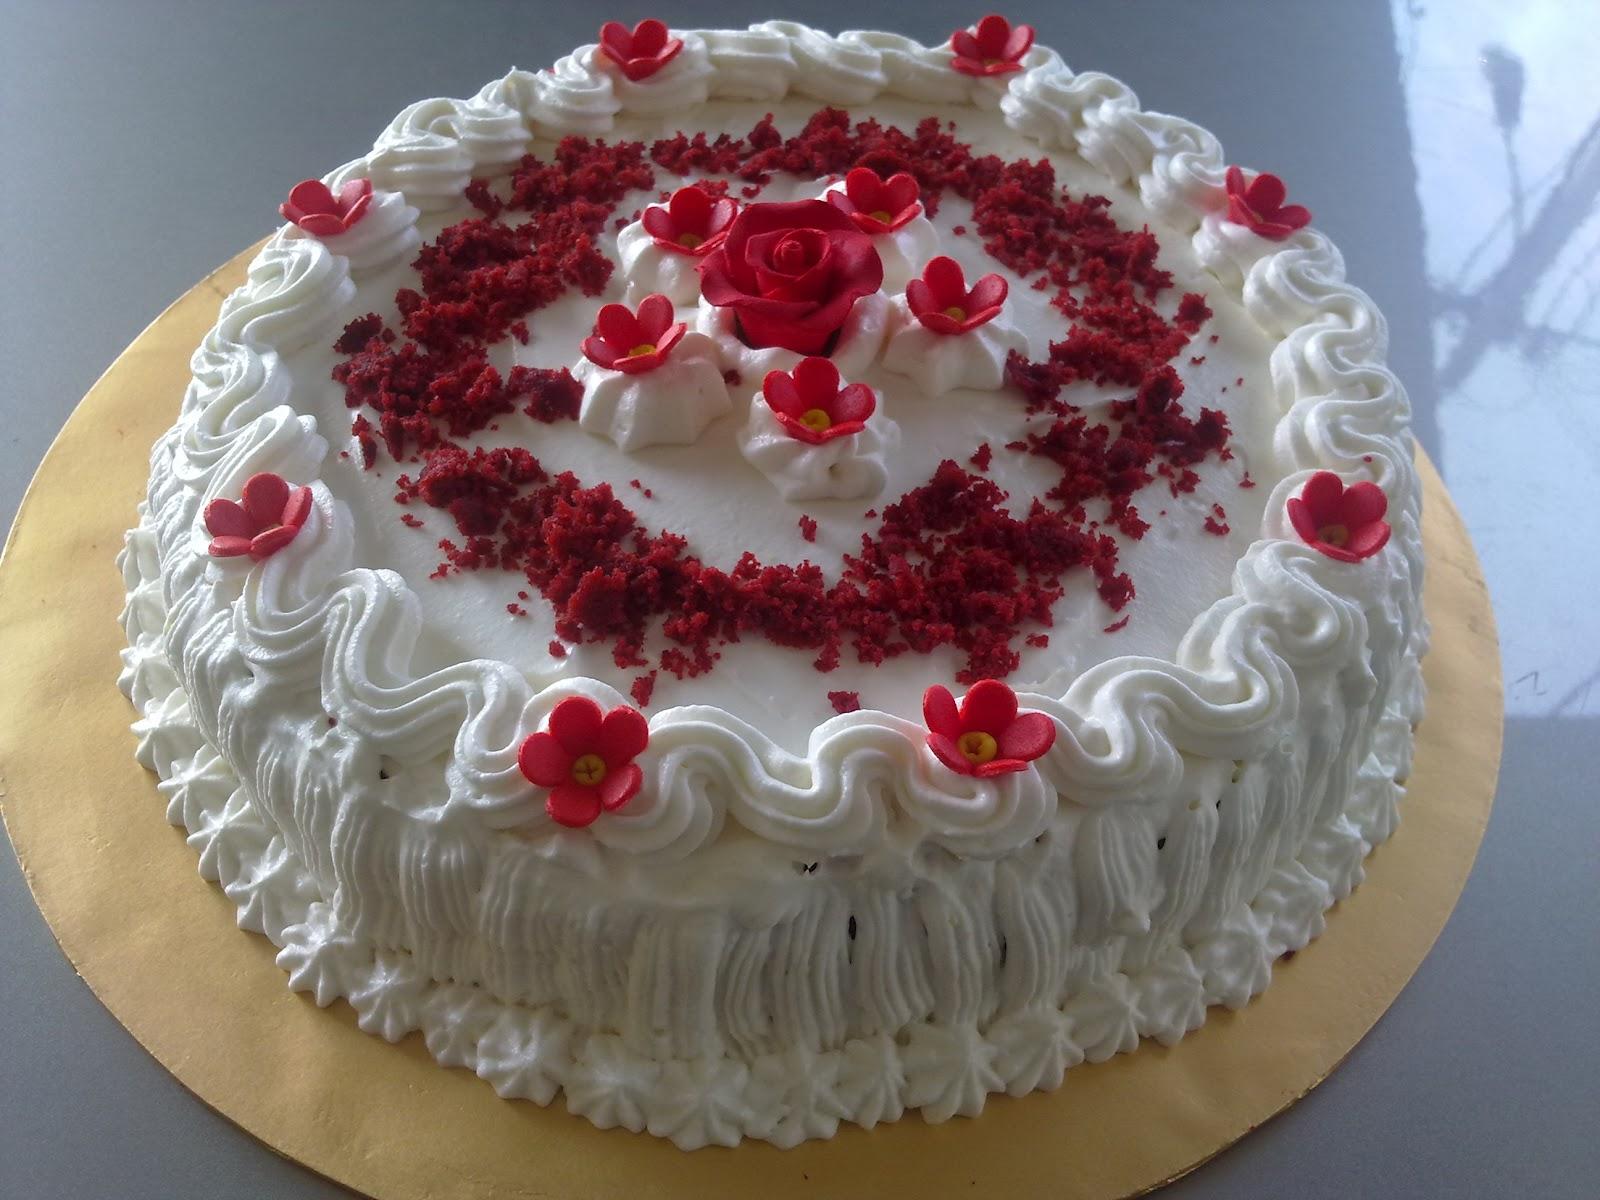 Red Velvet Cake Decoration Ideas Kustura for